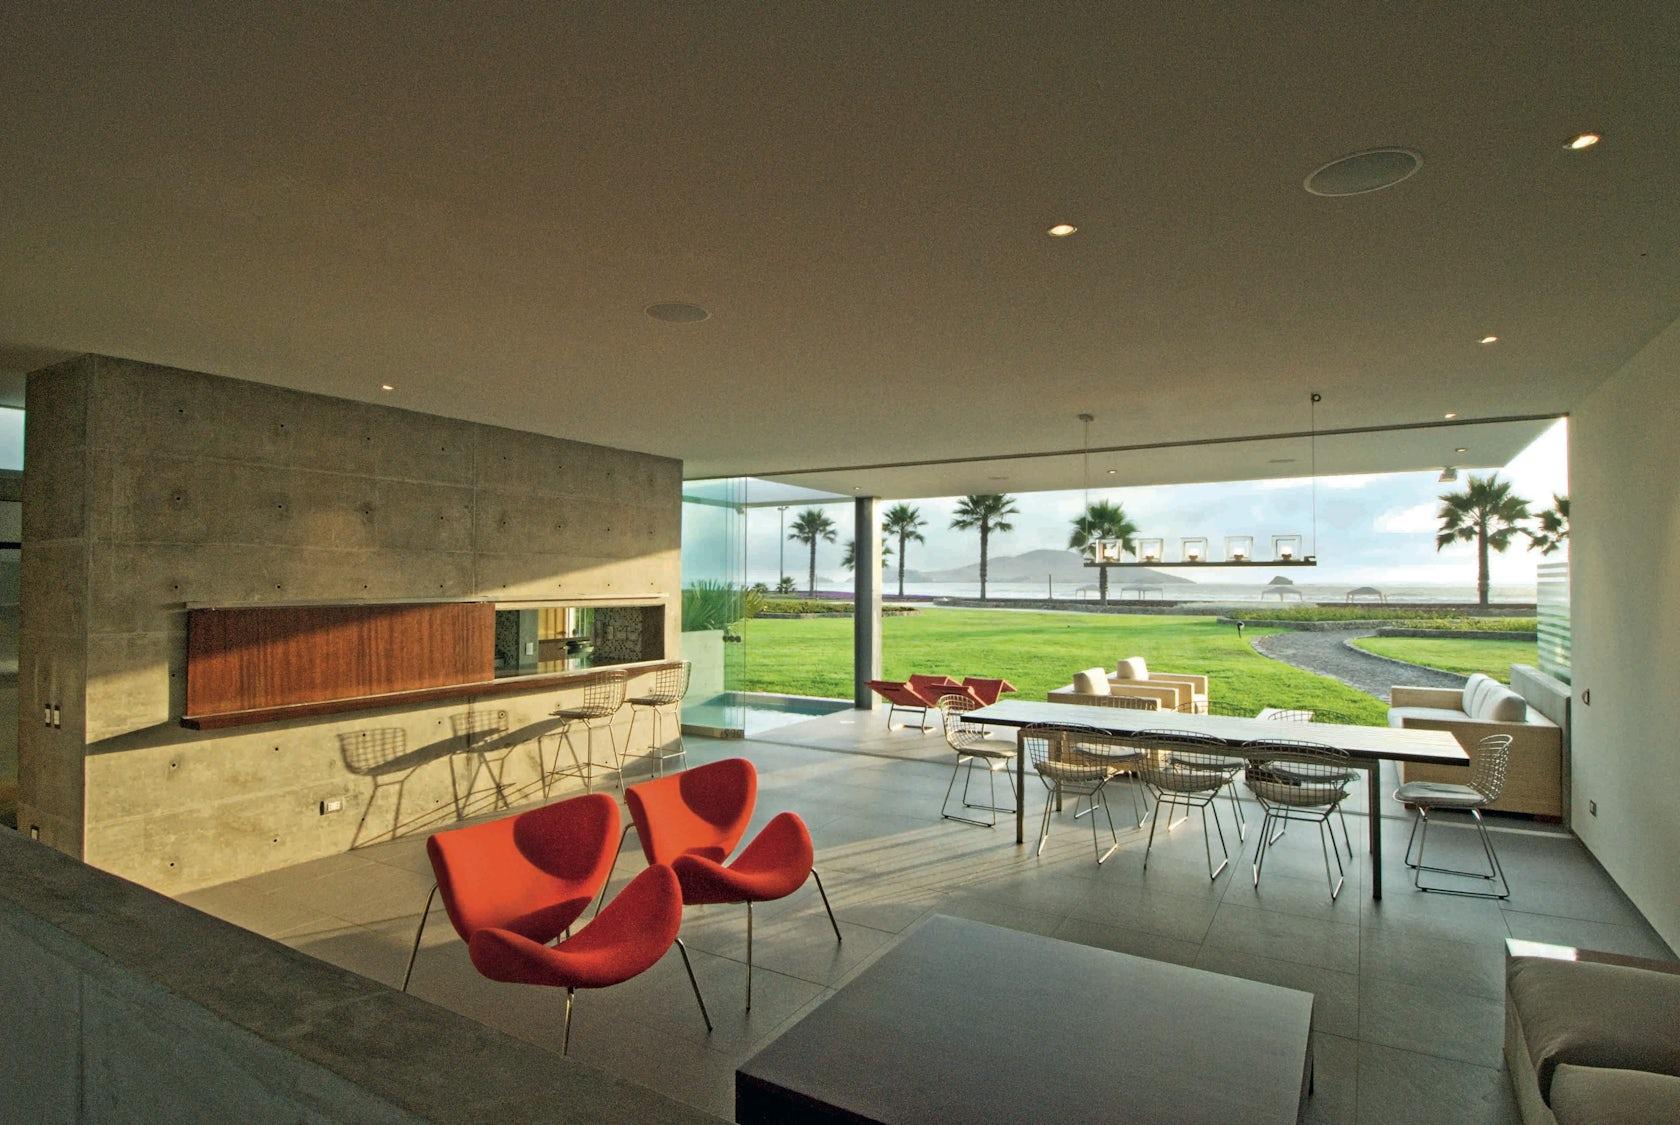 La isla beach house architizer for La isla interior torrent